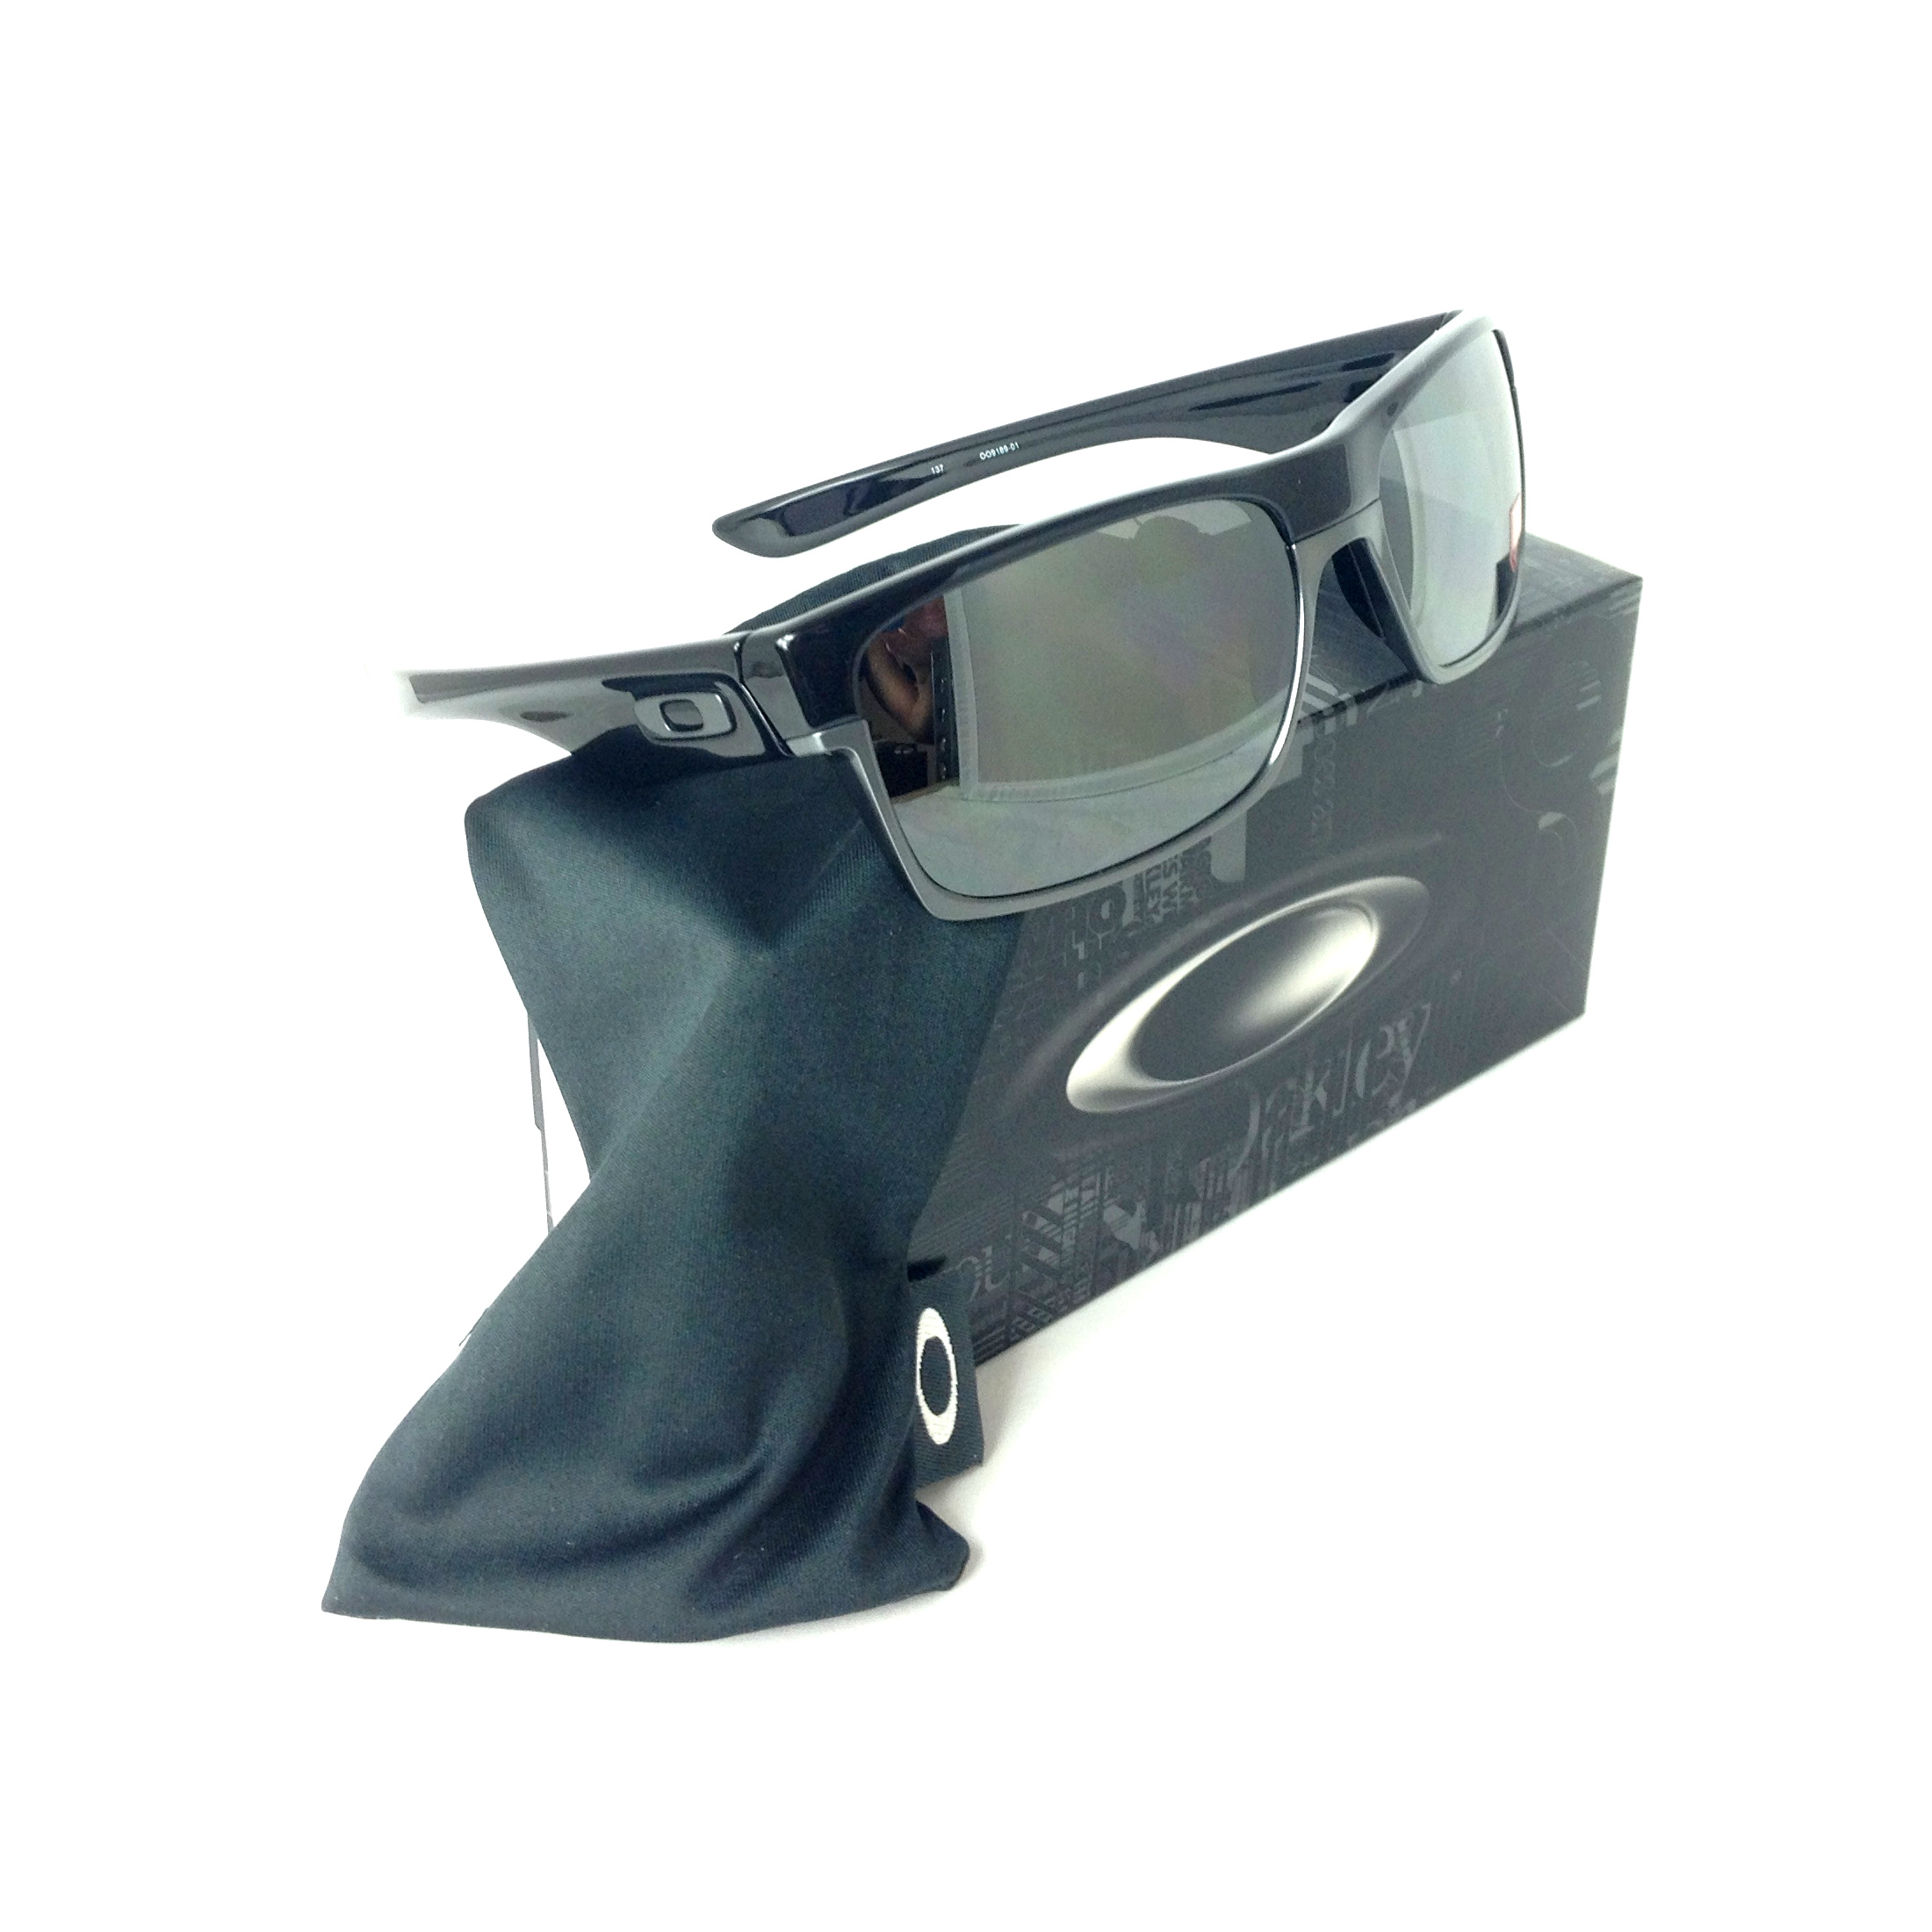 e1a6c2057d4 Oakley Two Face Sunglasses « Heritage Malta